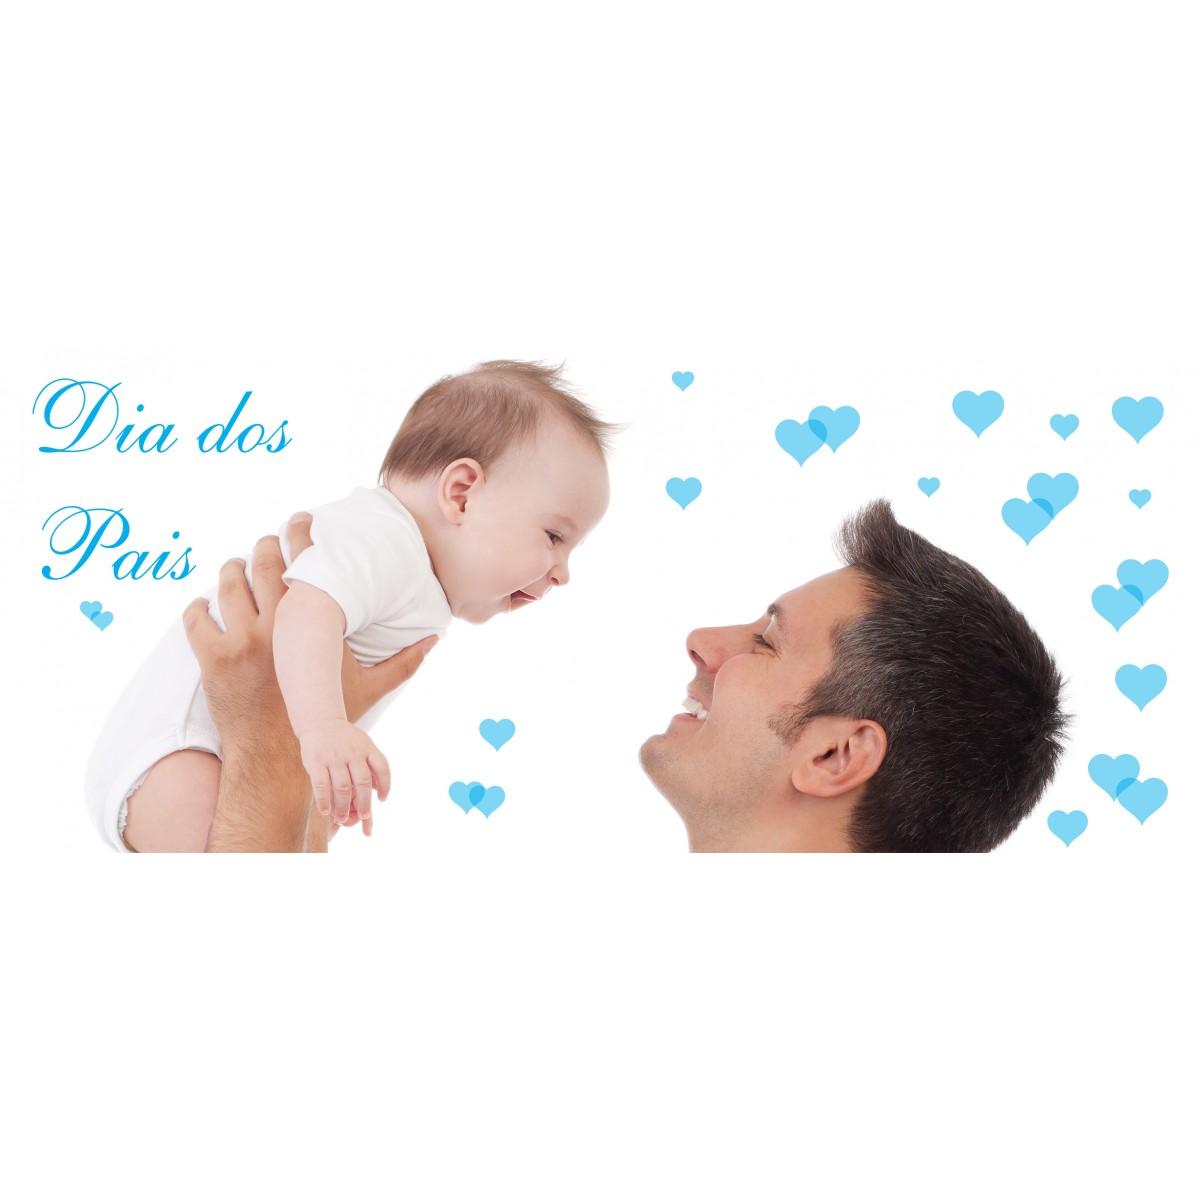 Adesivo Dia dos Pais - 1,20x0,30m - P227  - Fac Signs